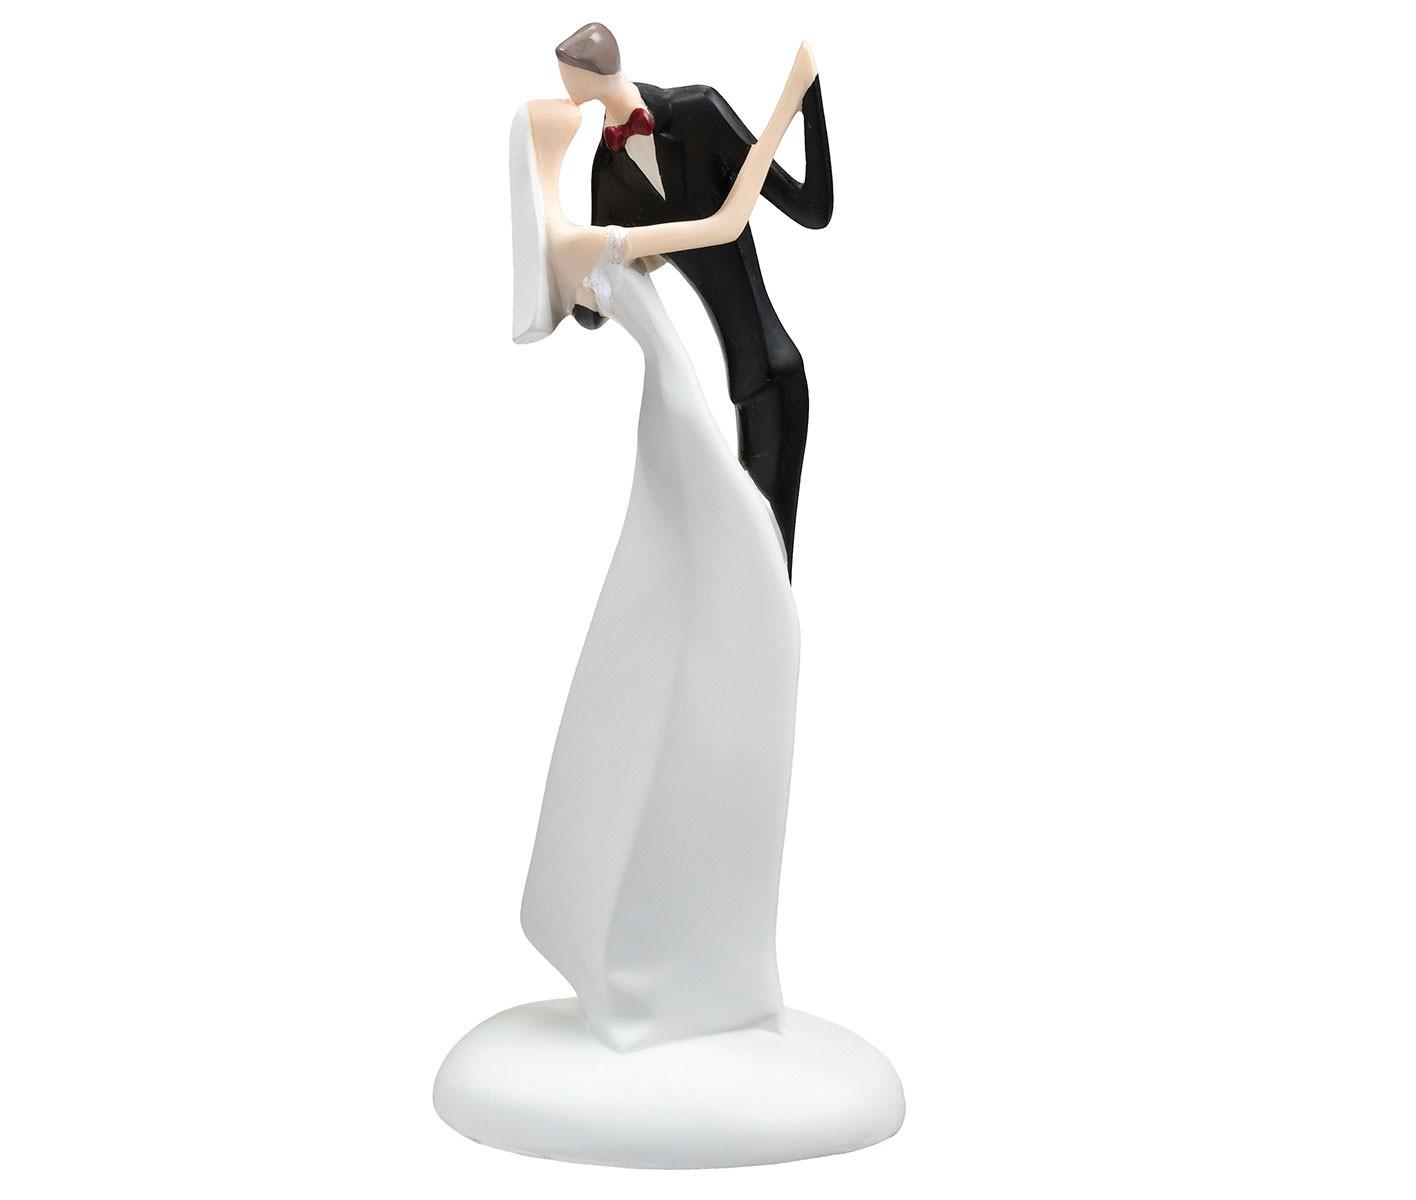 Lillian Rose Bride & Groom Kissing Figurine Cake Topper